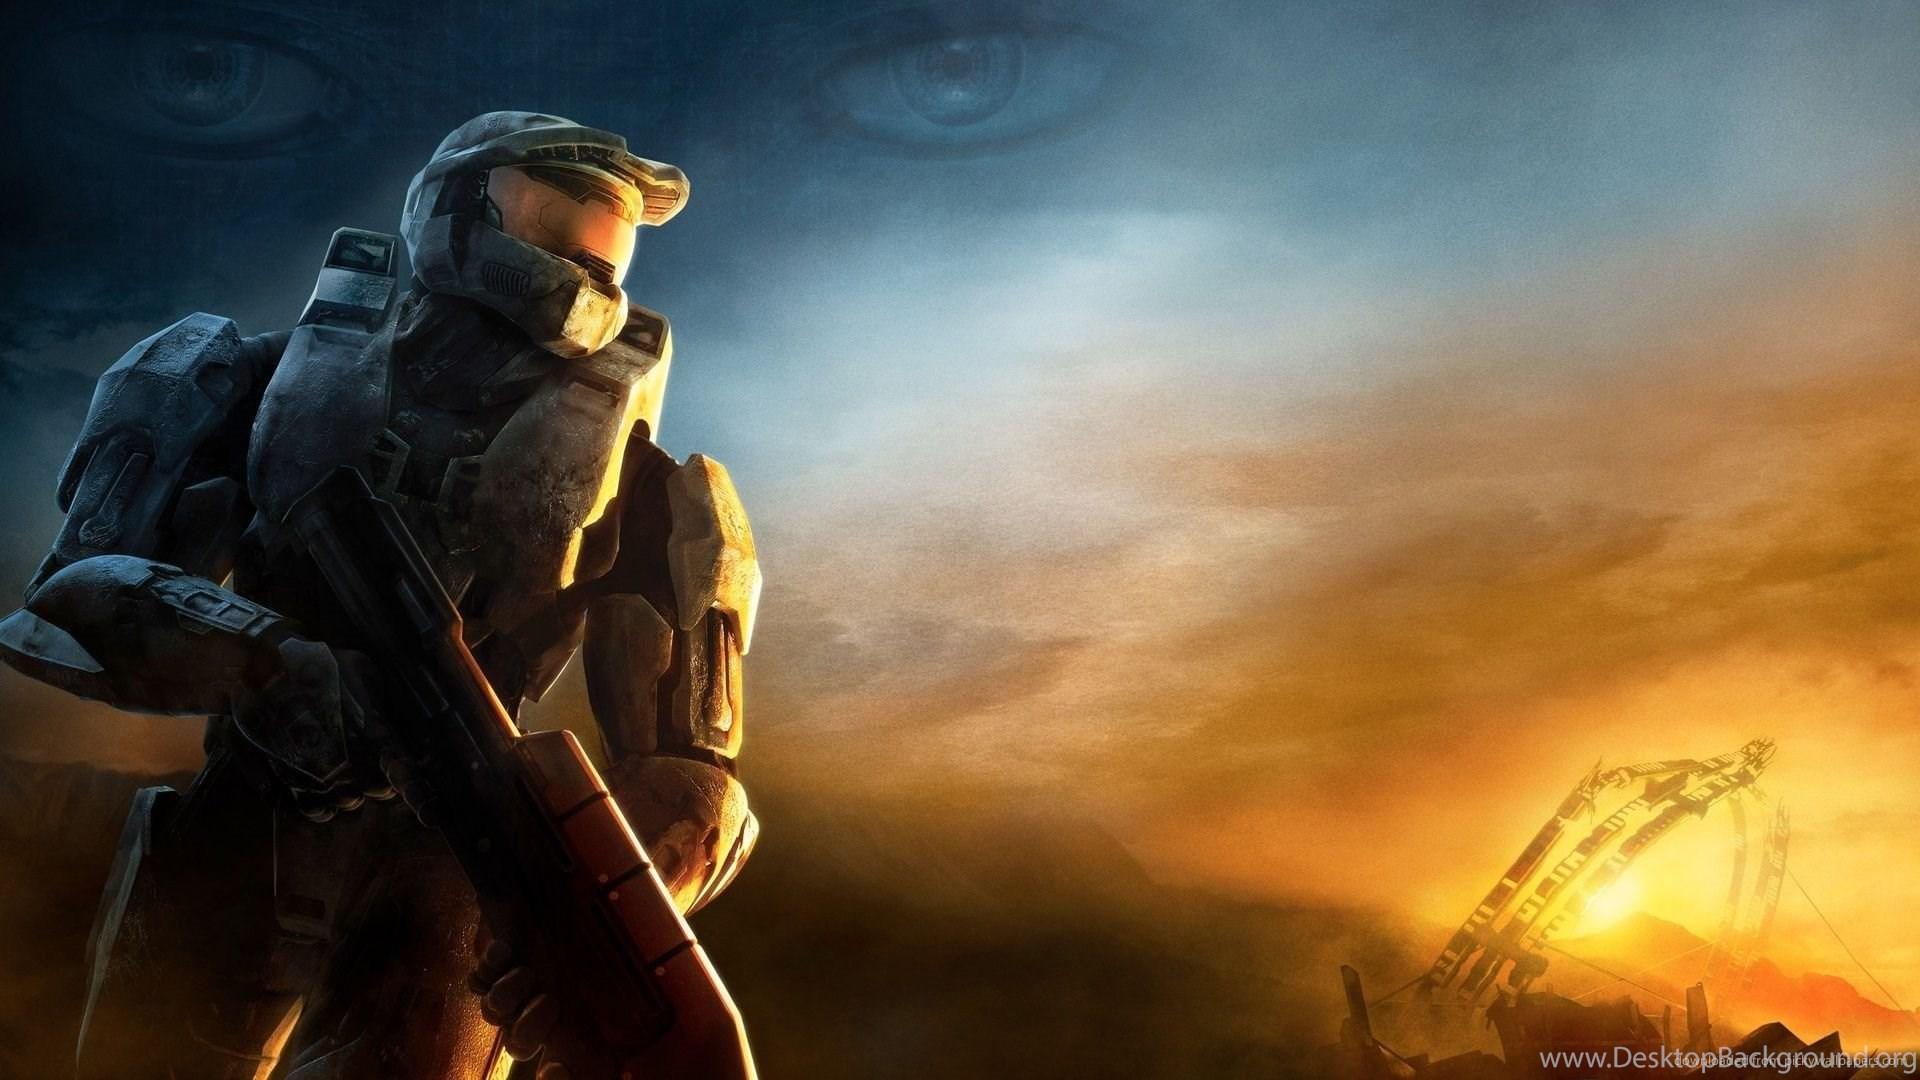 προσωρινή απαγόρευση από τα προξενήματα του Halo συνδεδεμένος αστυνομικός ραντεβού